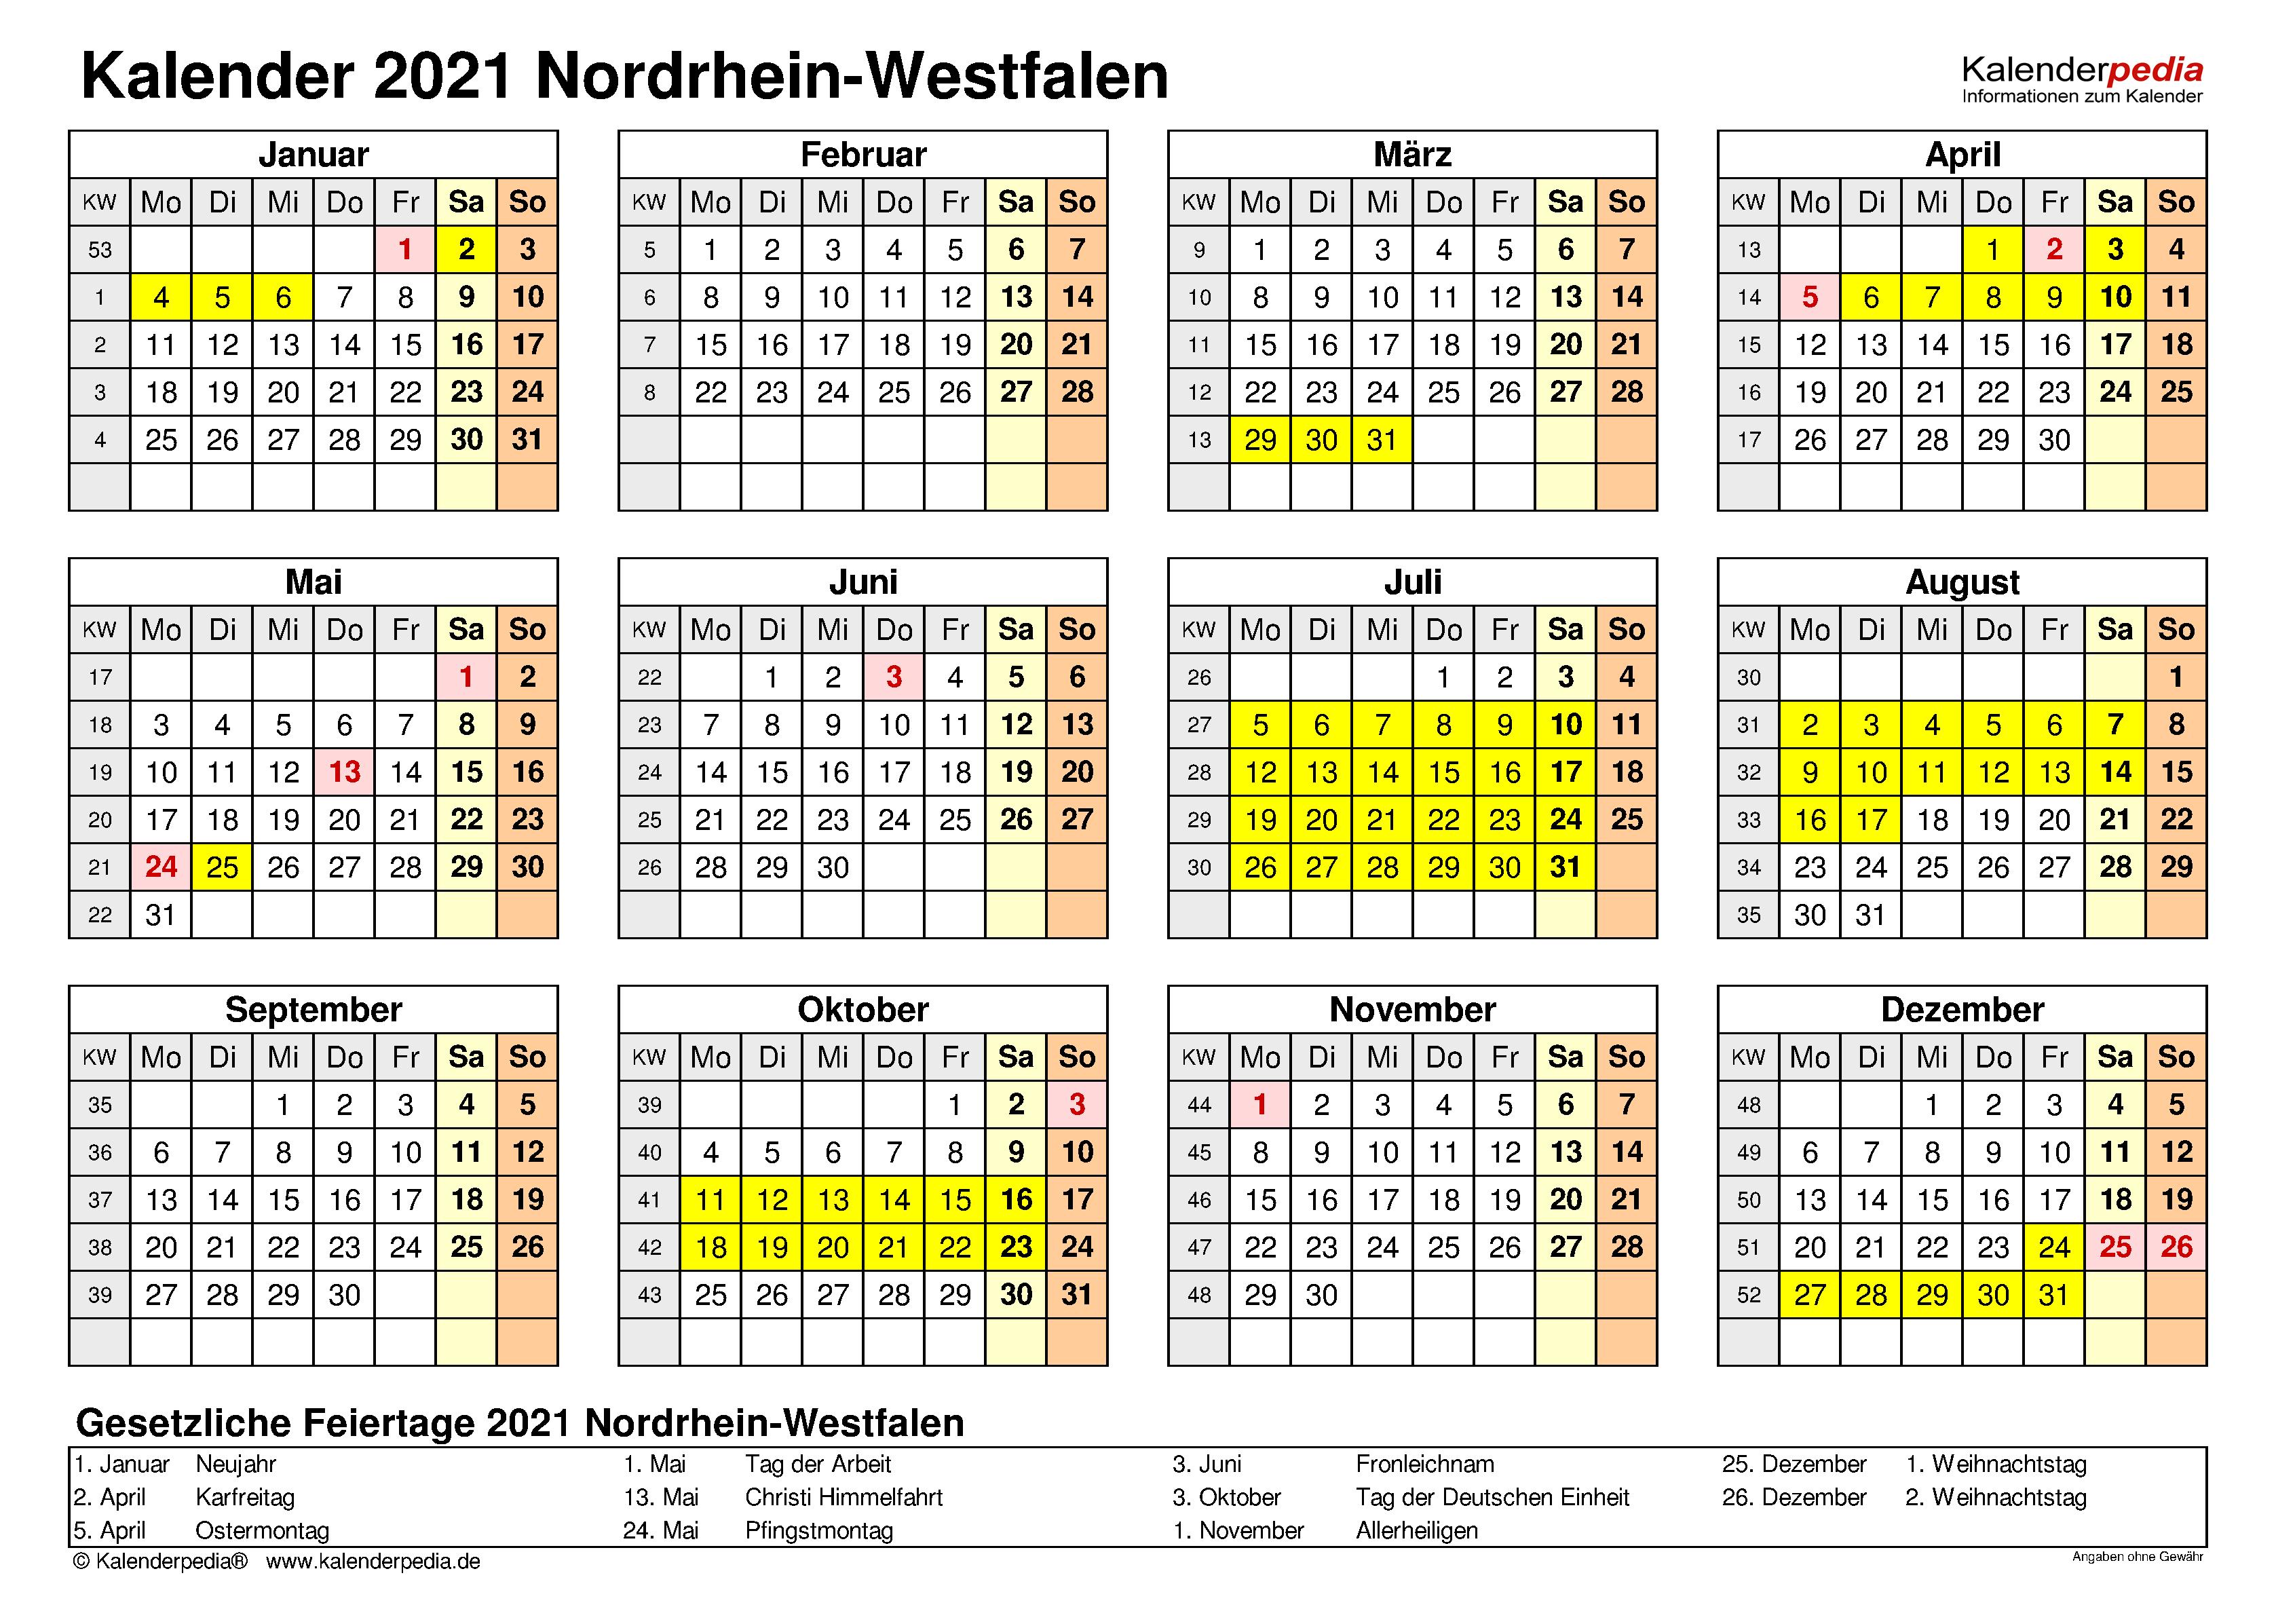 Feiertage Ostern 2021 Nrw